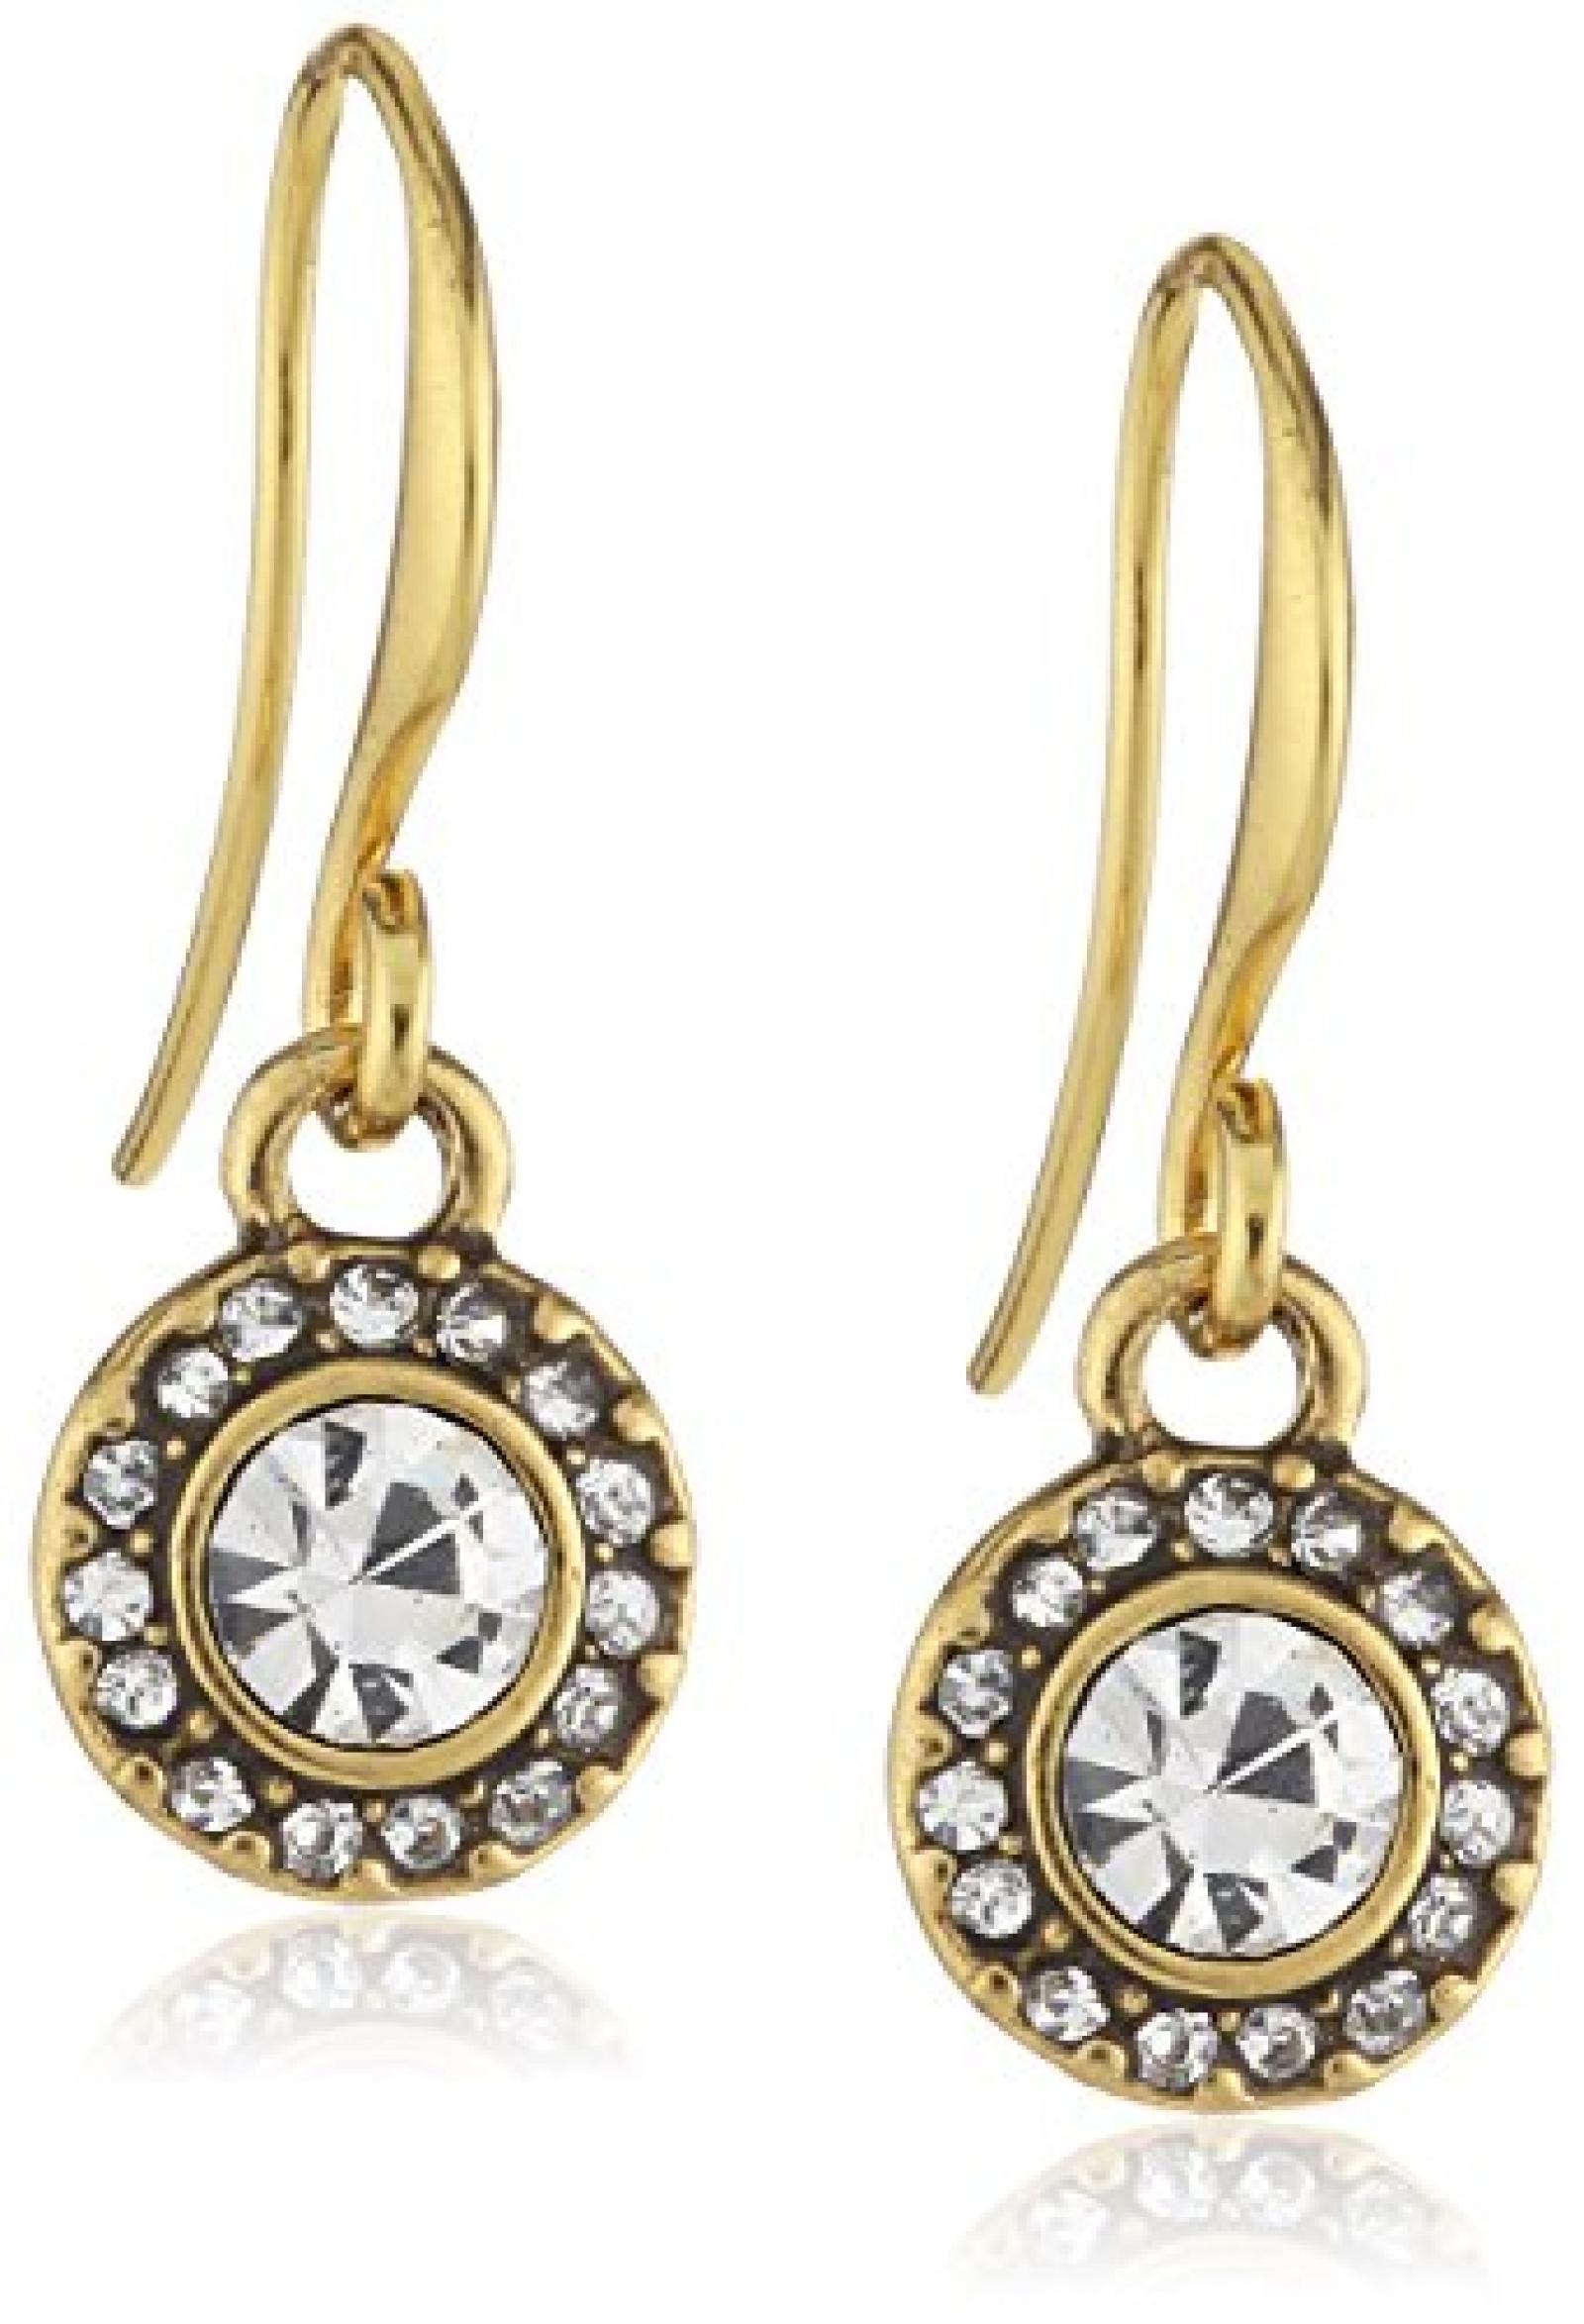 Pilgrim Jewelry Damen-Ohrringe aus der Serie Classic vergoldet kristall 2.3 601232073